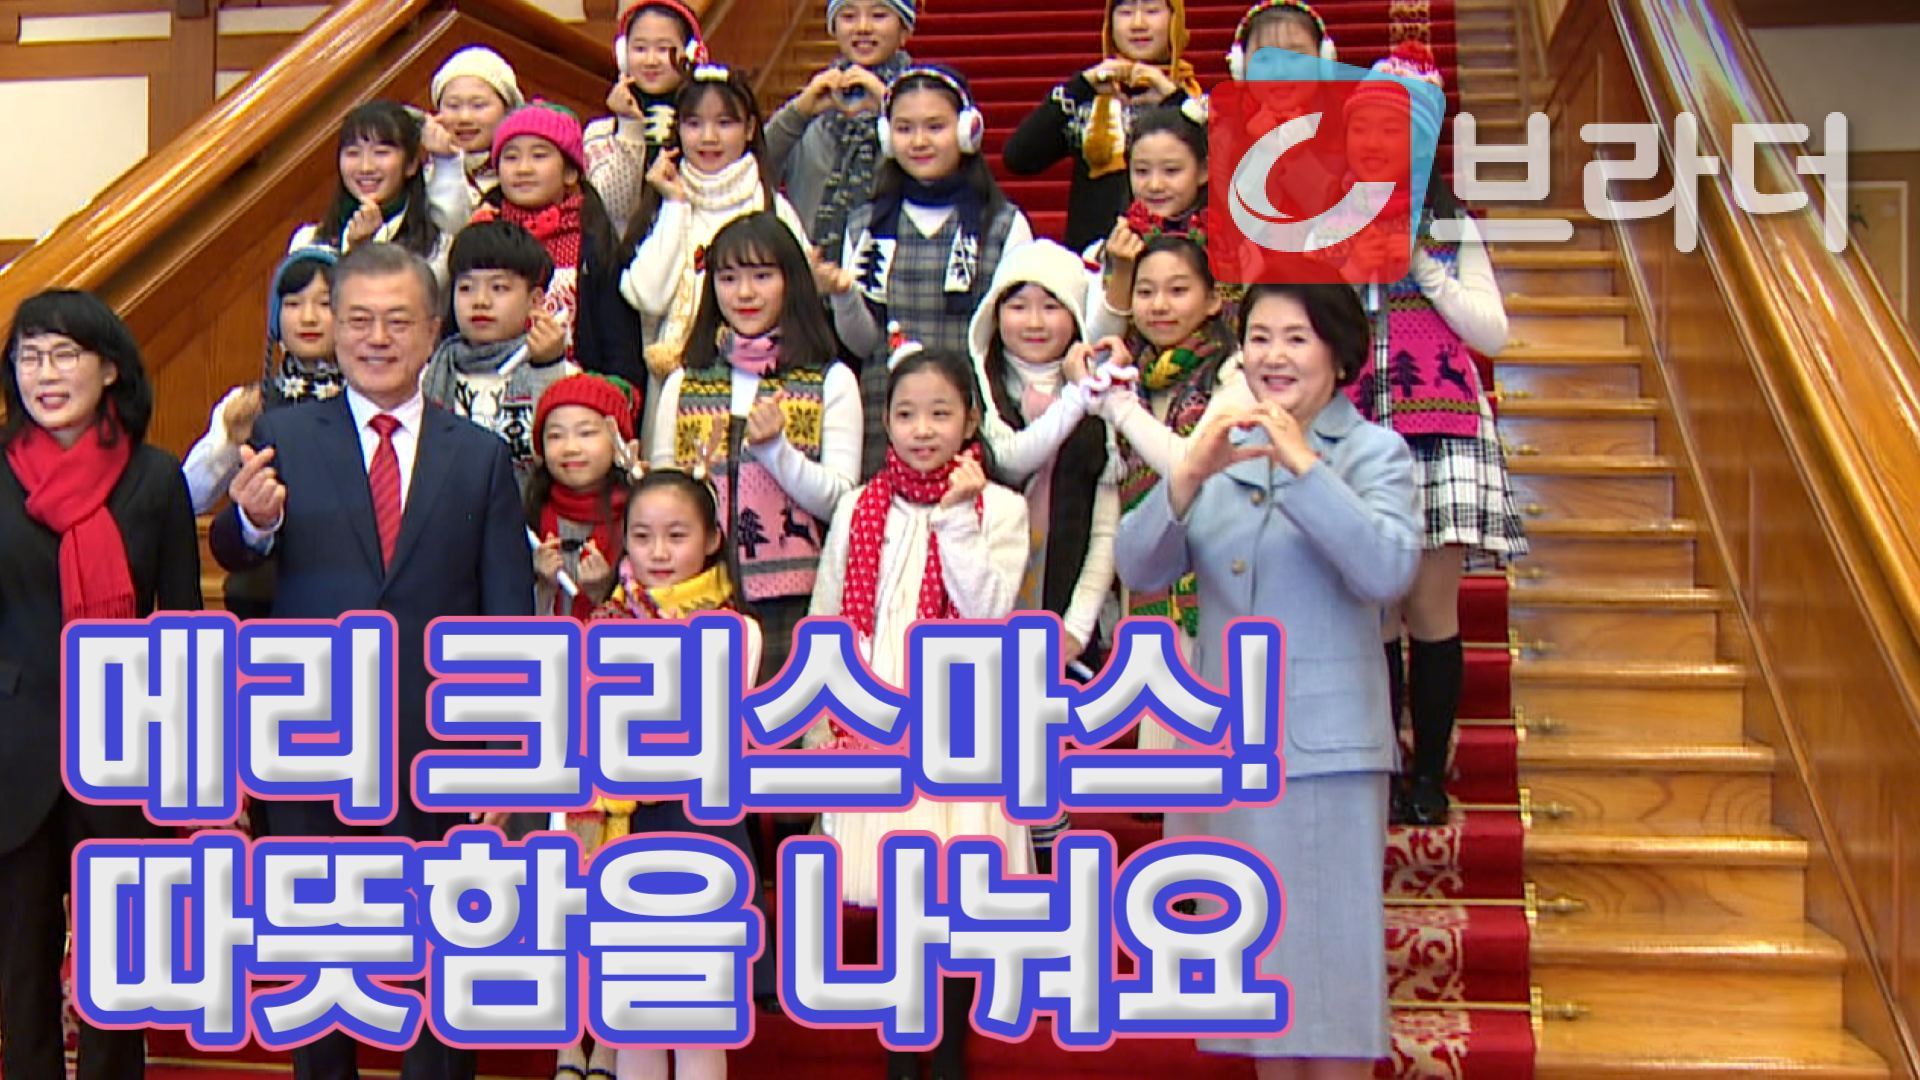 '메리크리스마스'문재인대통령과김정숙여사,청와대크리스마스행사[C브라더..